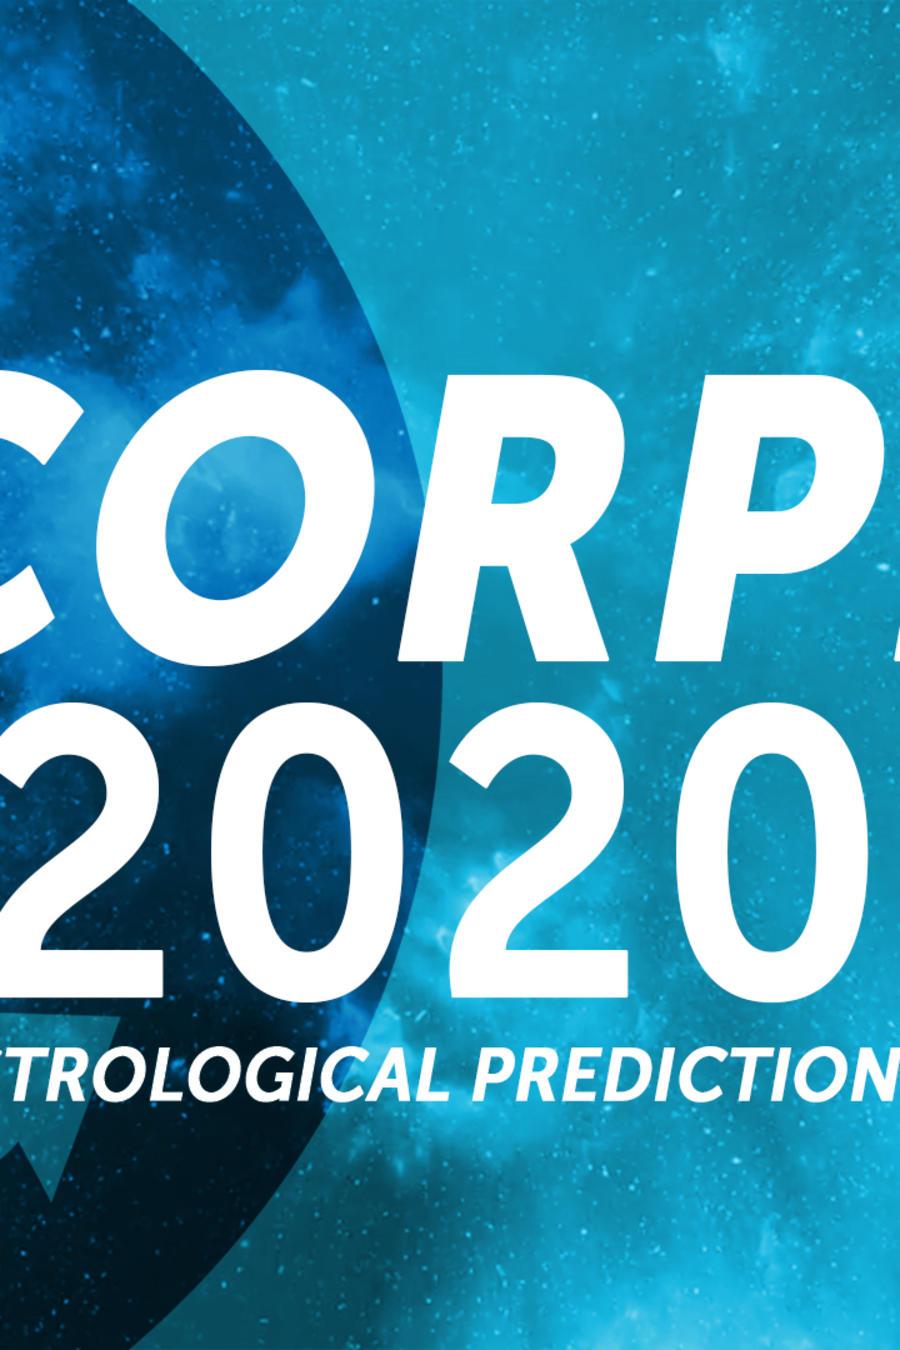 Scorpio, Astrology predictions 2020